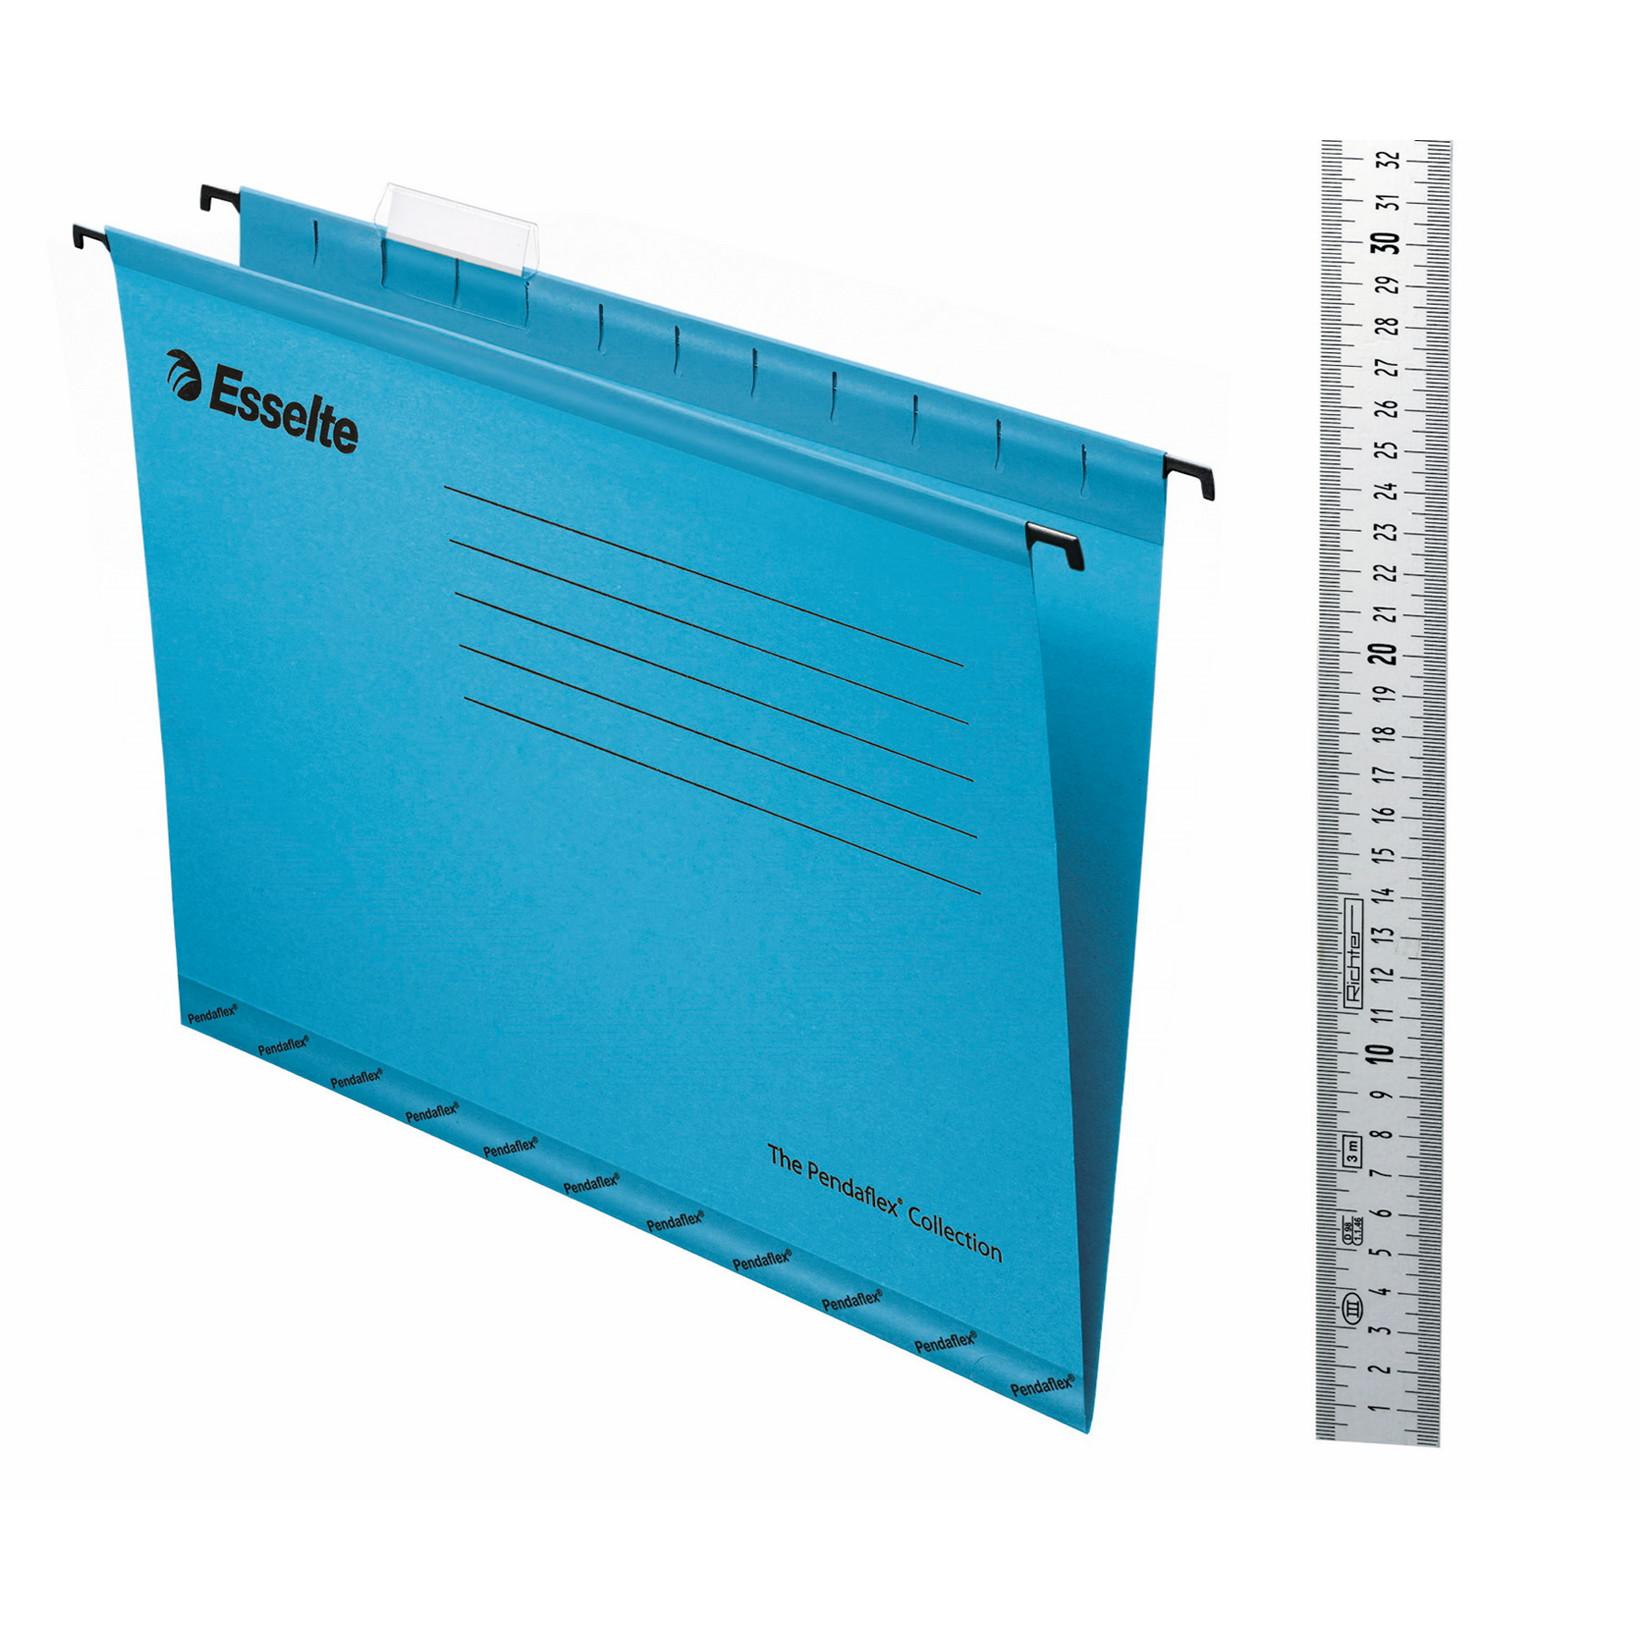 Billige hængemapper A4 Esselte Classic blå - 25 stk. pr pakke